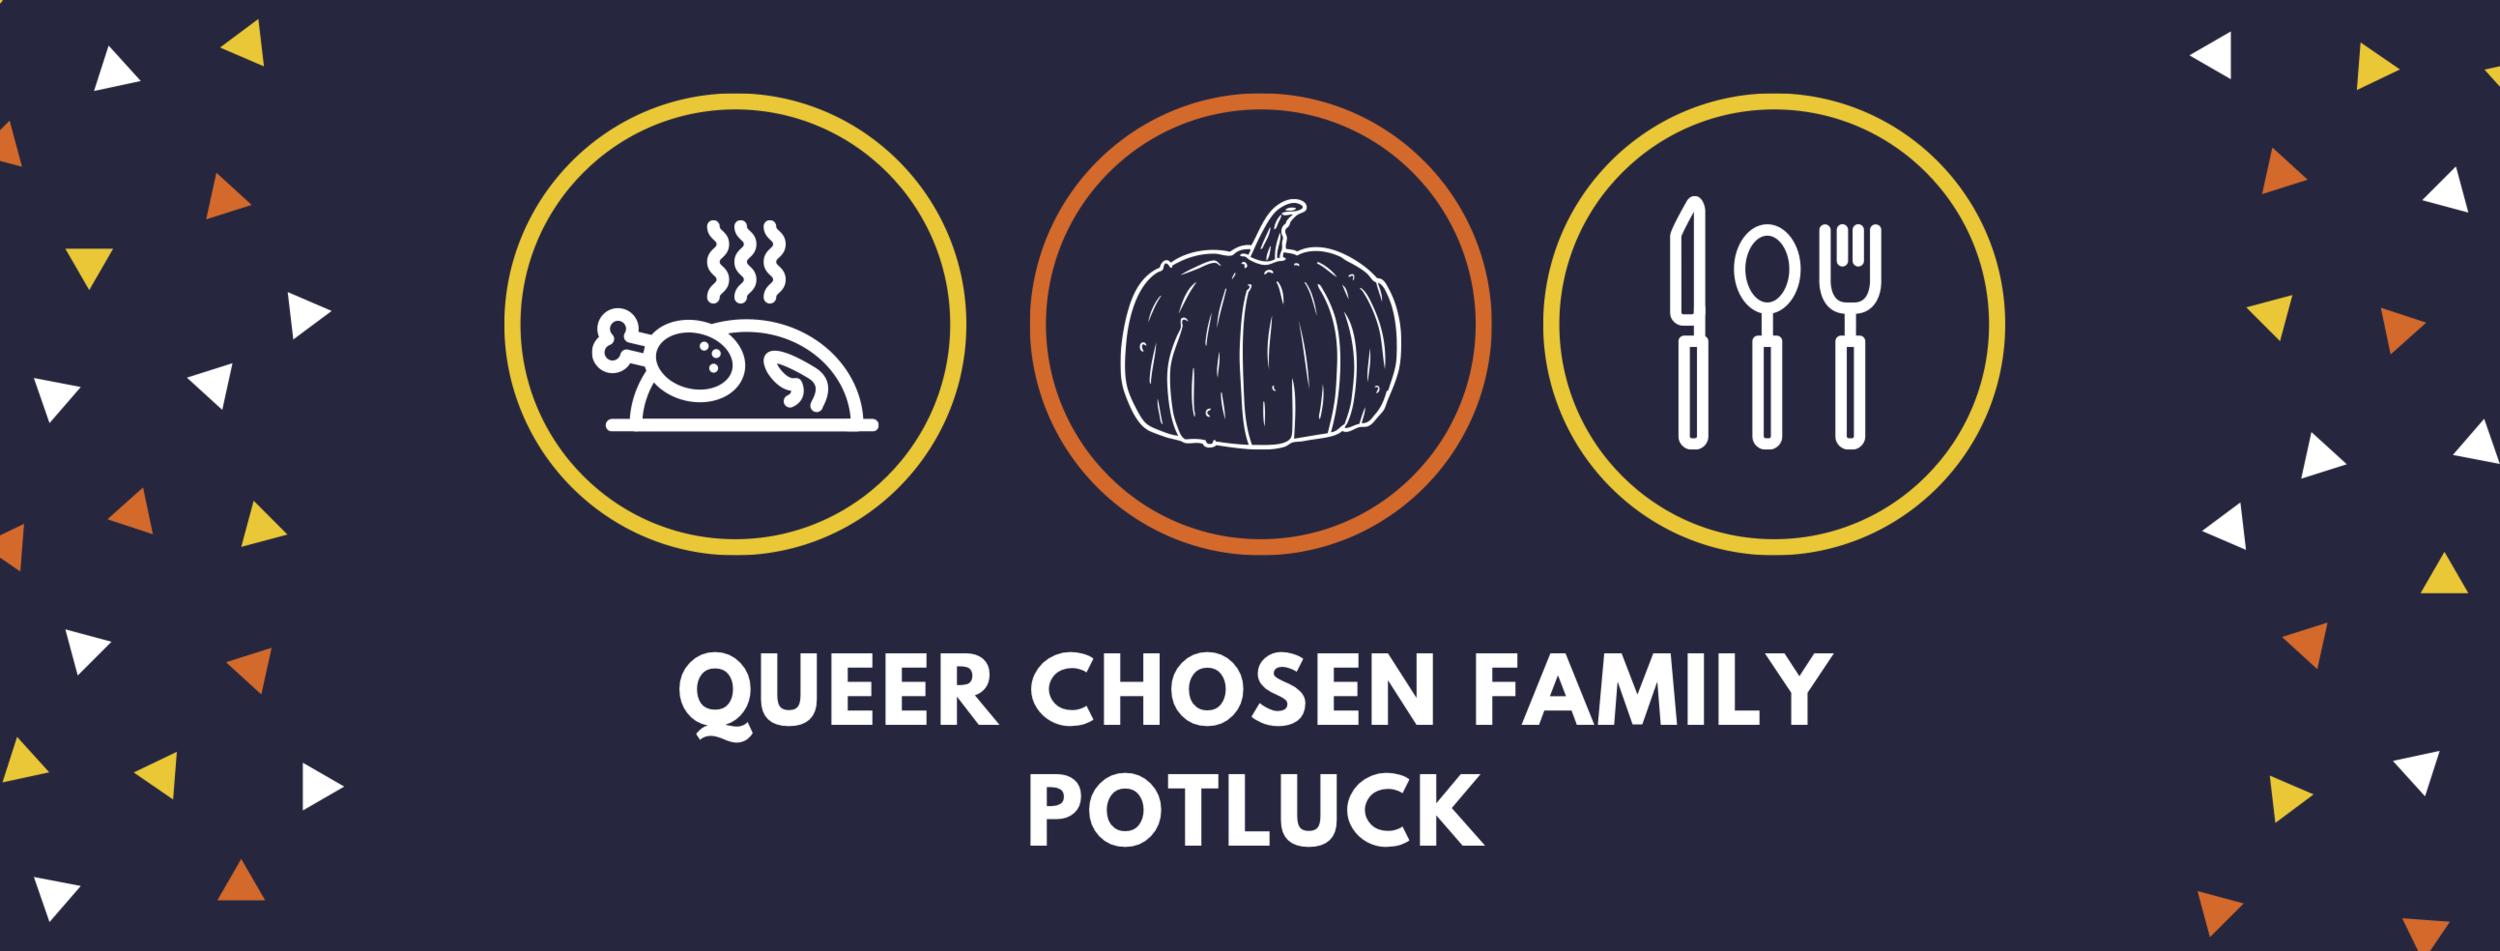 ChoSen queer family potluck.png